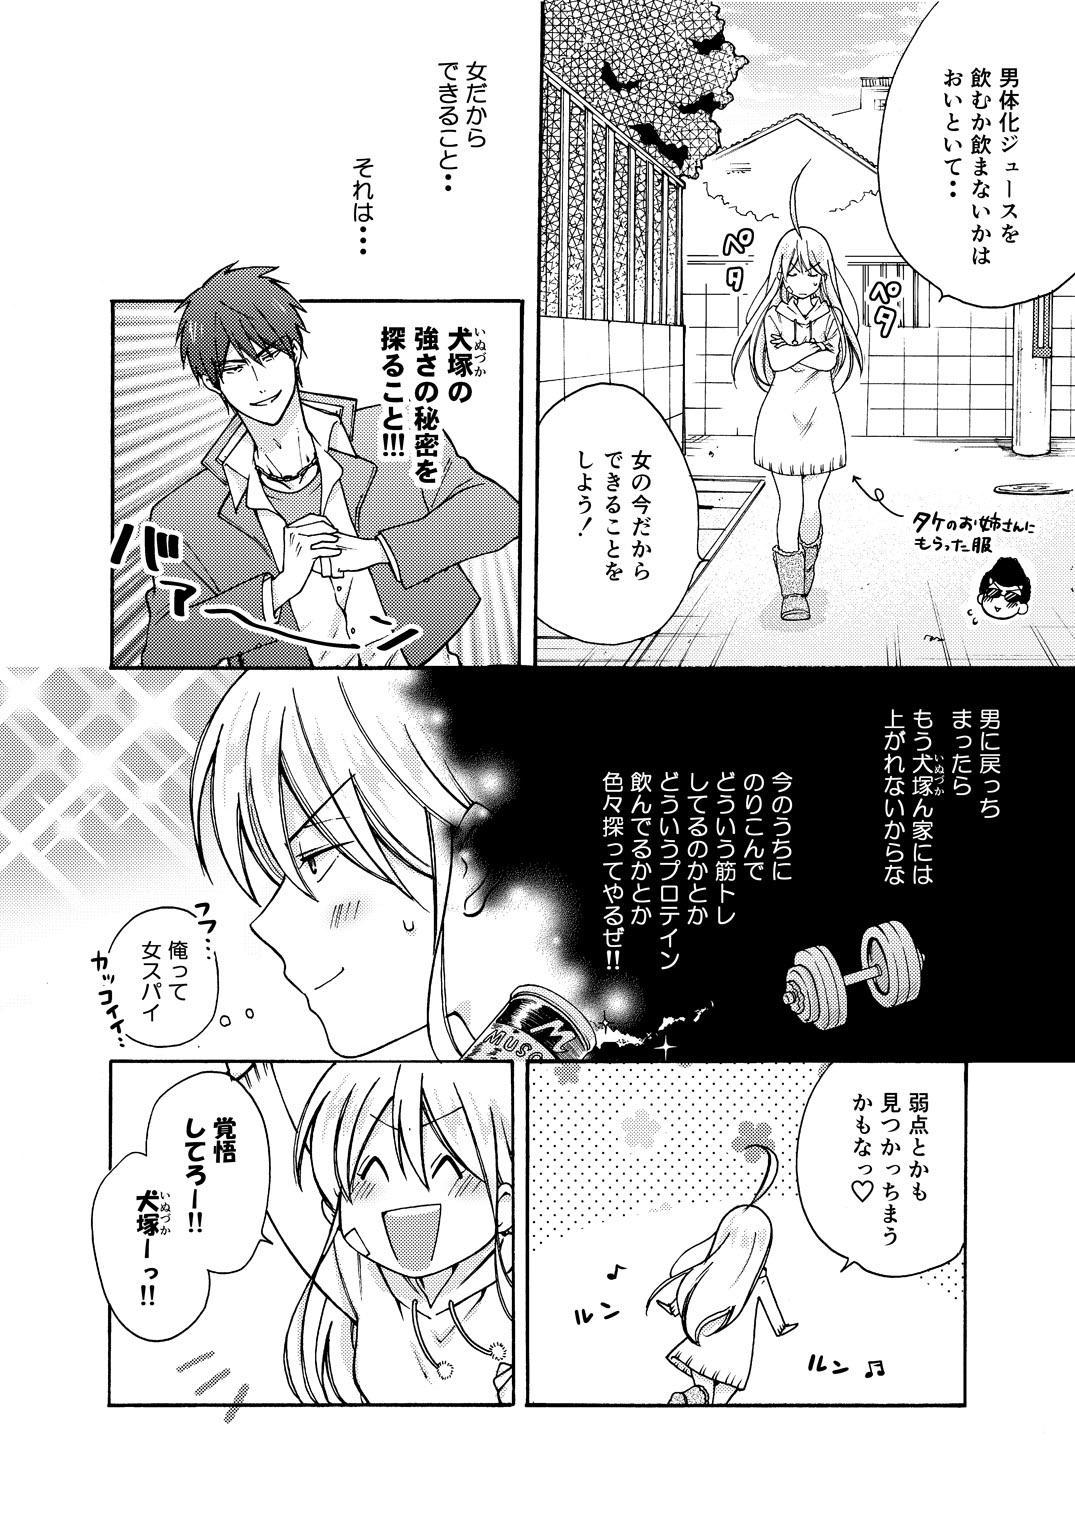 Nyotaika Yankee Gakuen ☆ Ore no Hajimete, Nerawaretemasu. 9 4